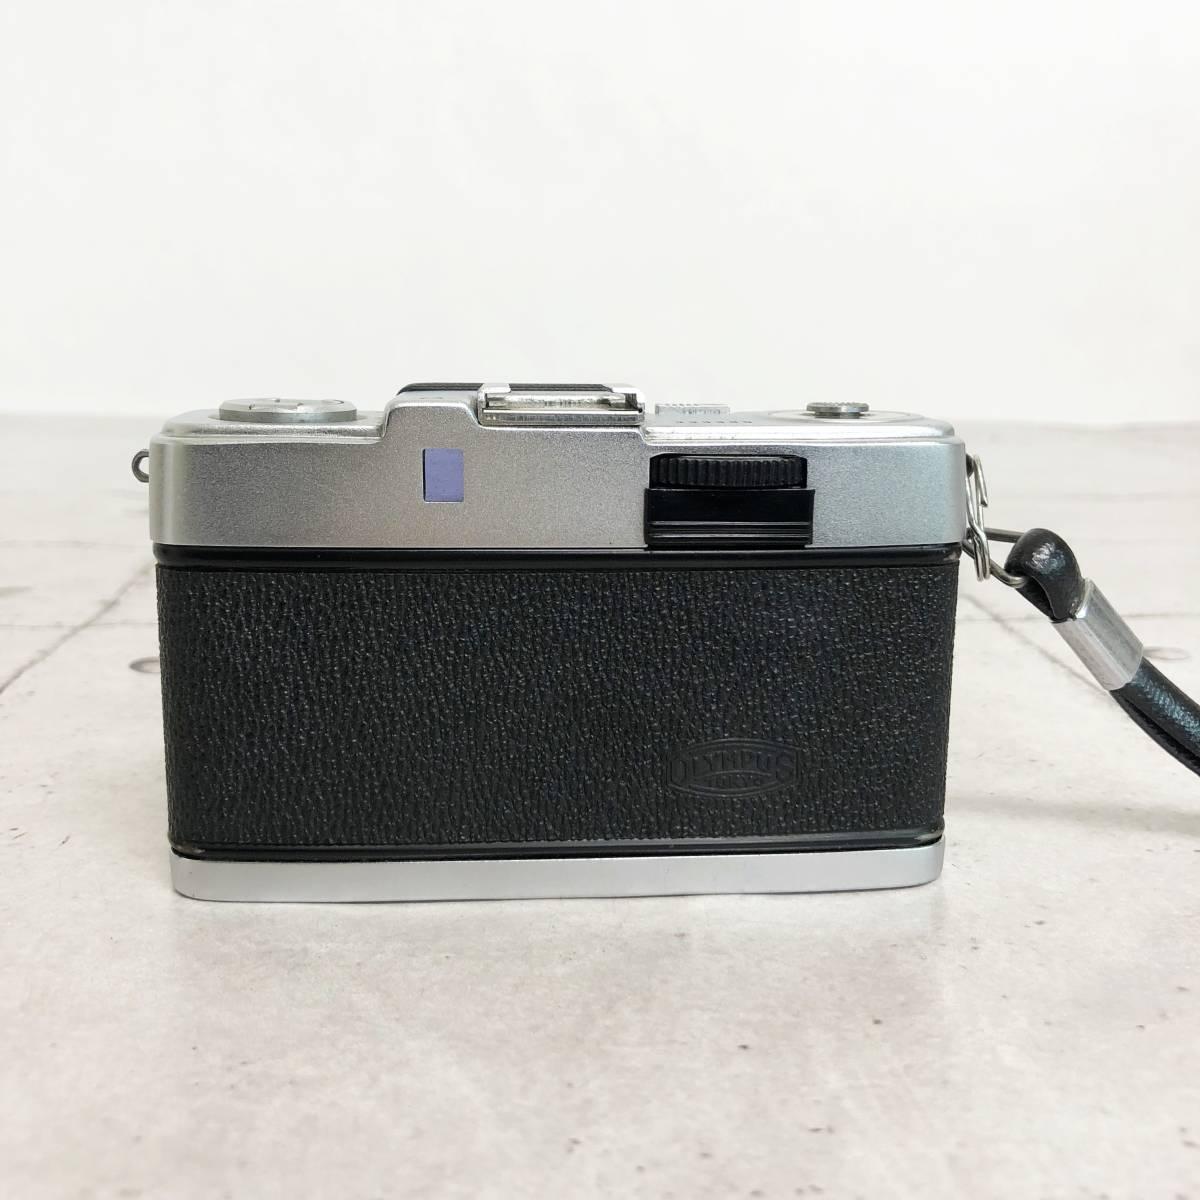 オリンパス PEN-S カメラ D.Zuiko 1:2.8 f=3cm 説明証 ケース 箱付 動作未確認 ジャンク品_画像4